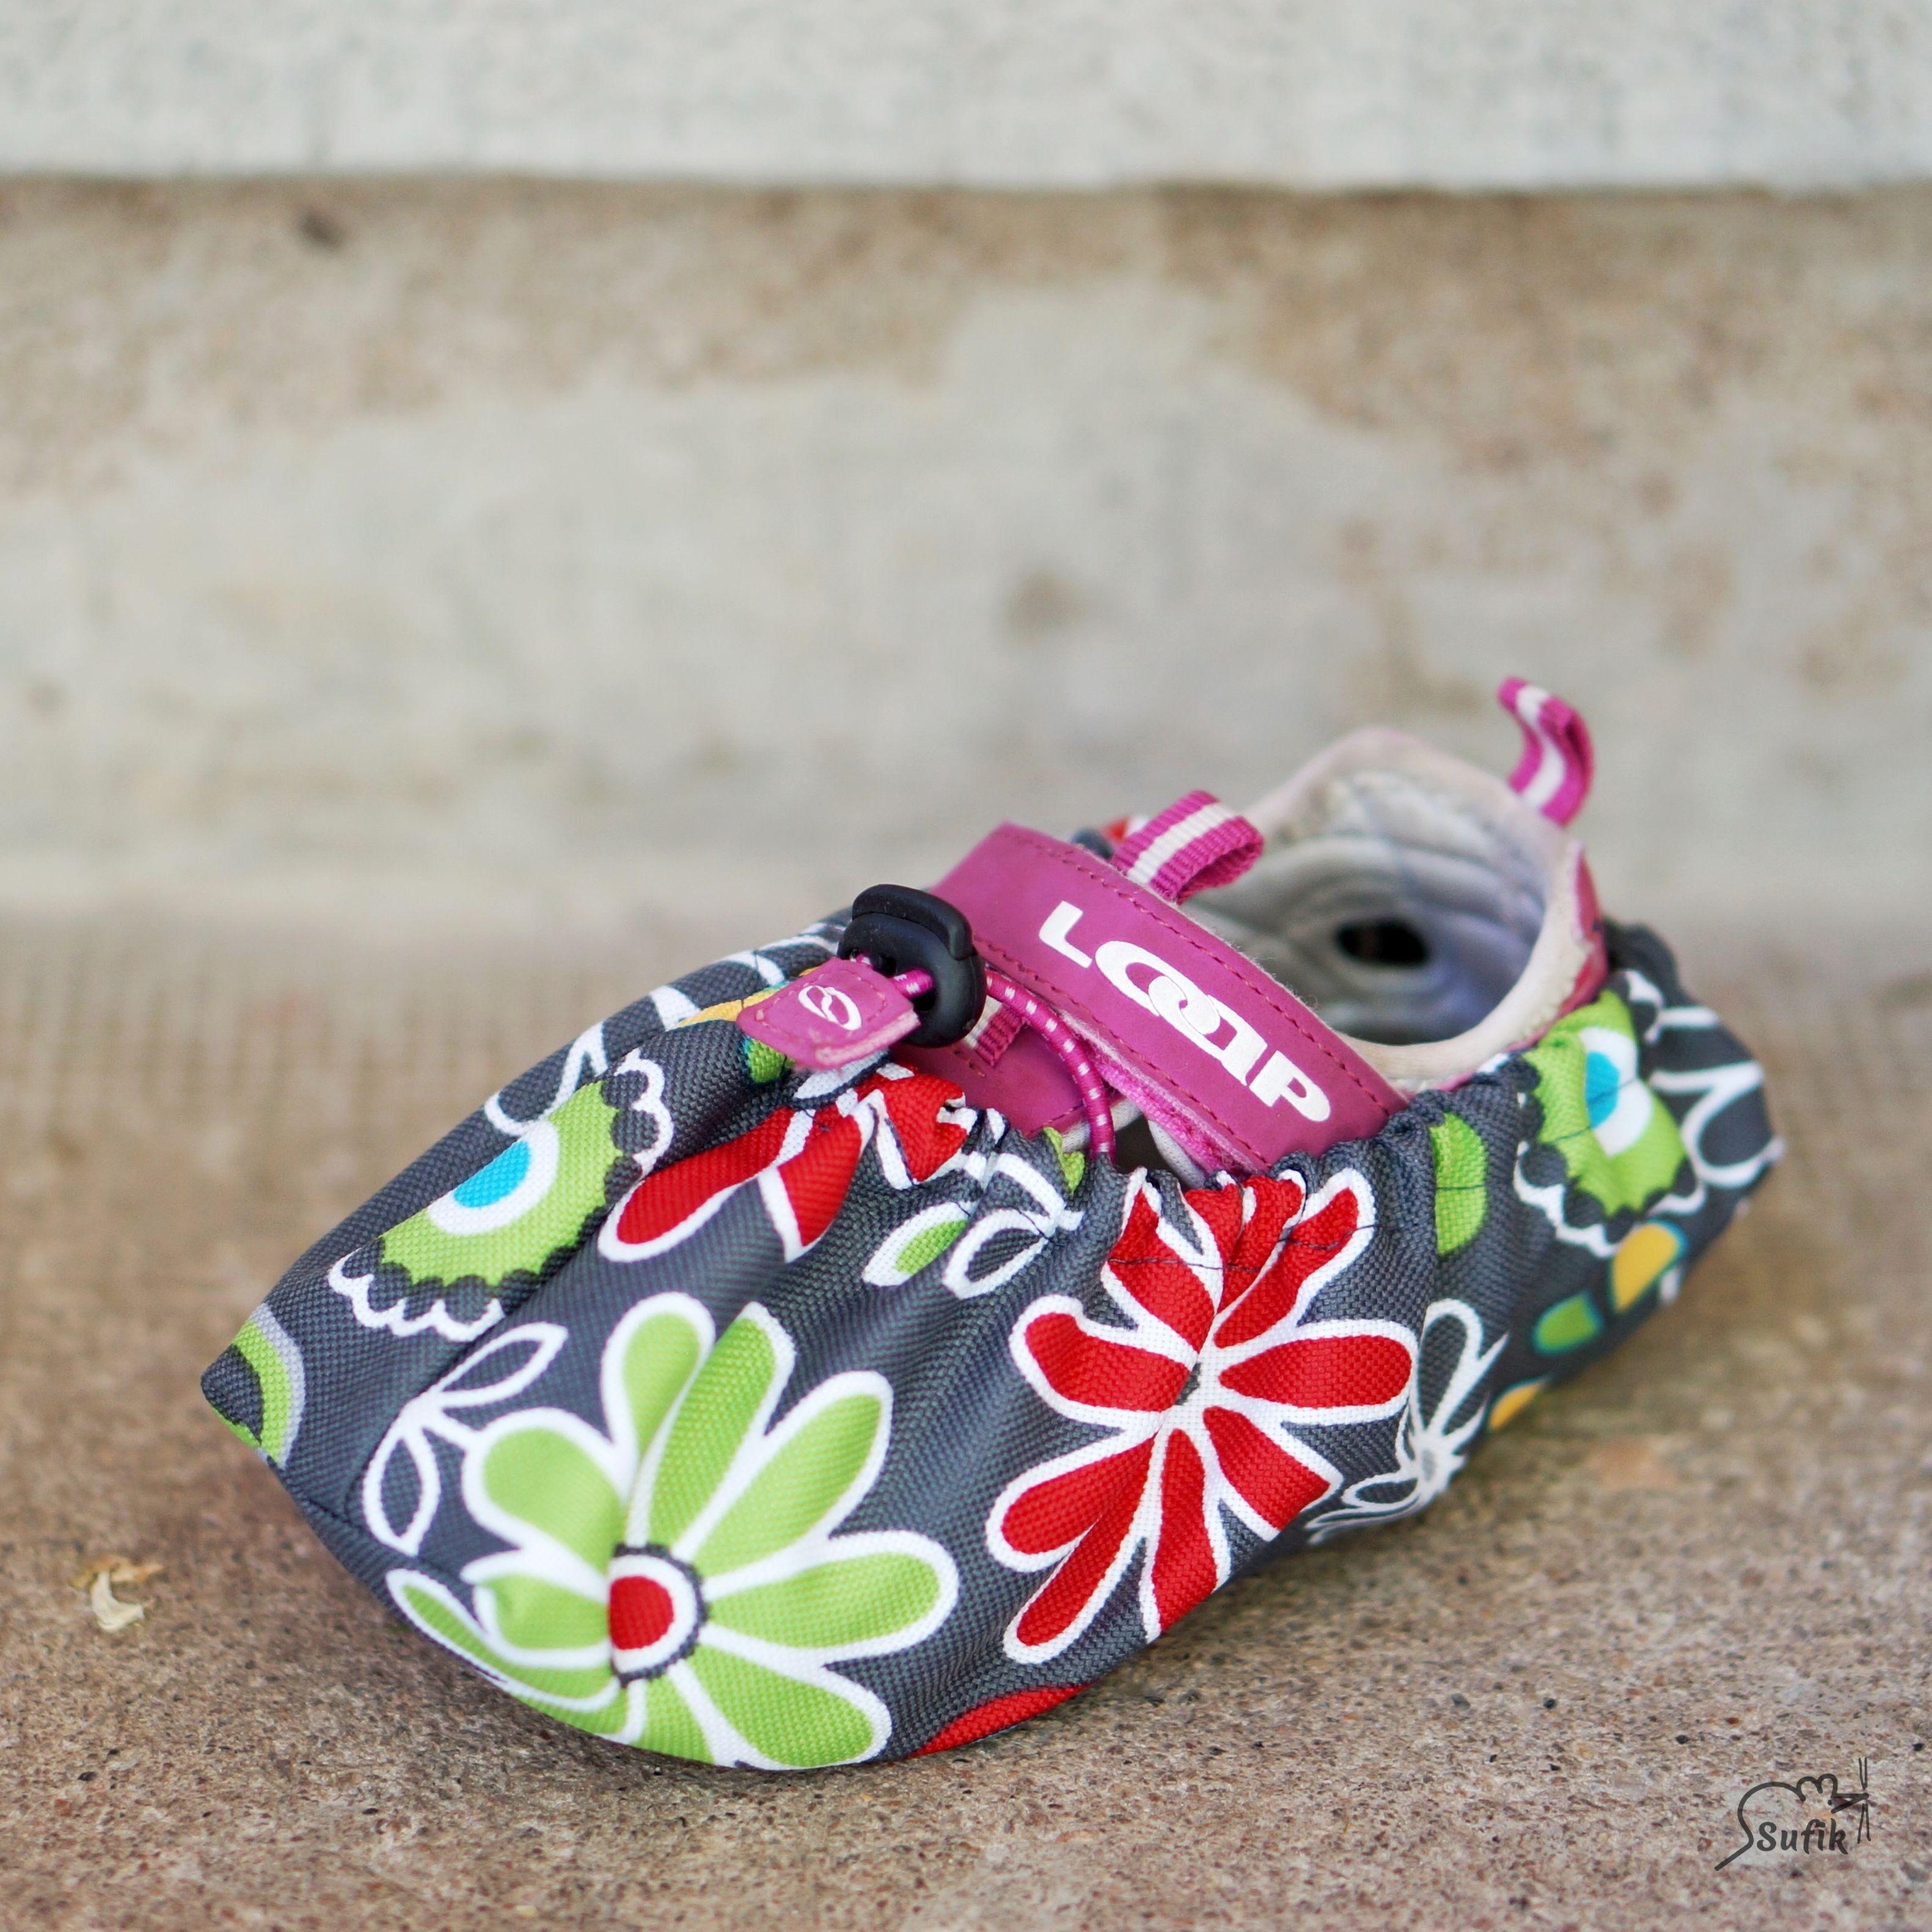 Návleky na boty 19-24 rozkvetlá louka baccf96bef